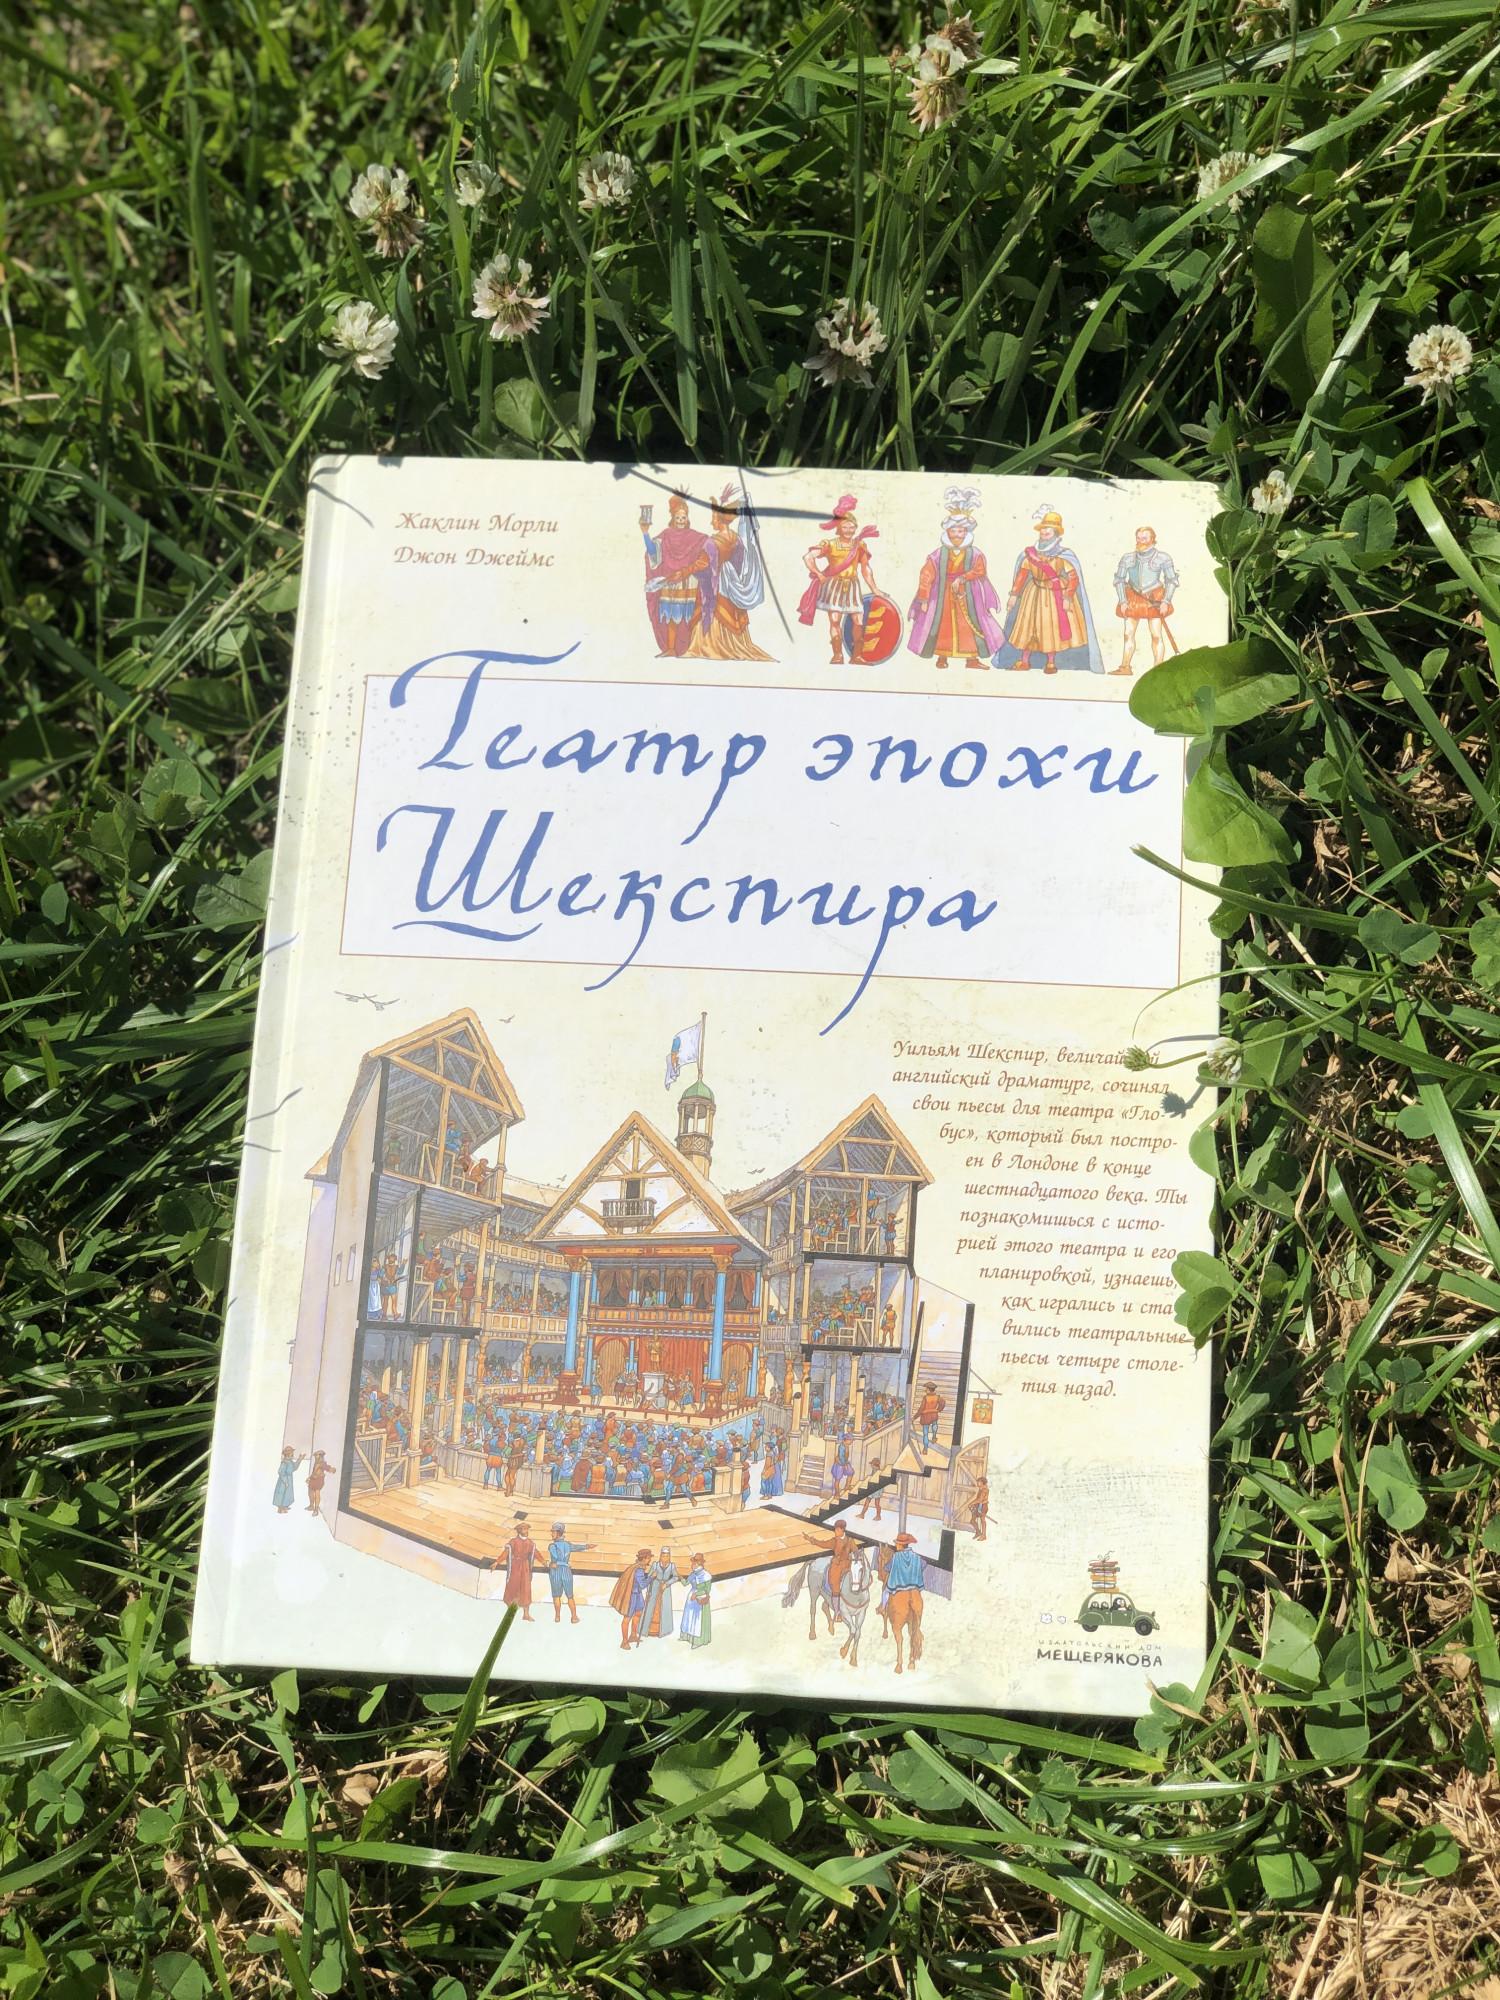 Ж.Морли и Д.Джеймс «Театр эпохи Шекспира», издательство Мещерякова 2019 .Возраст 6+.